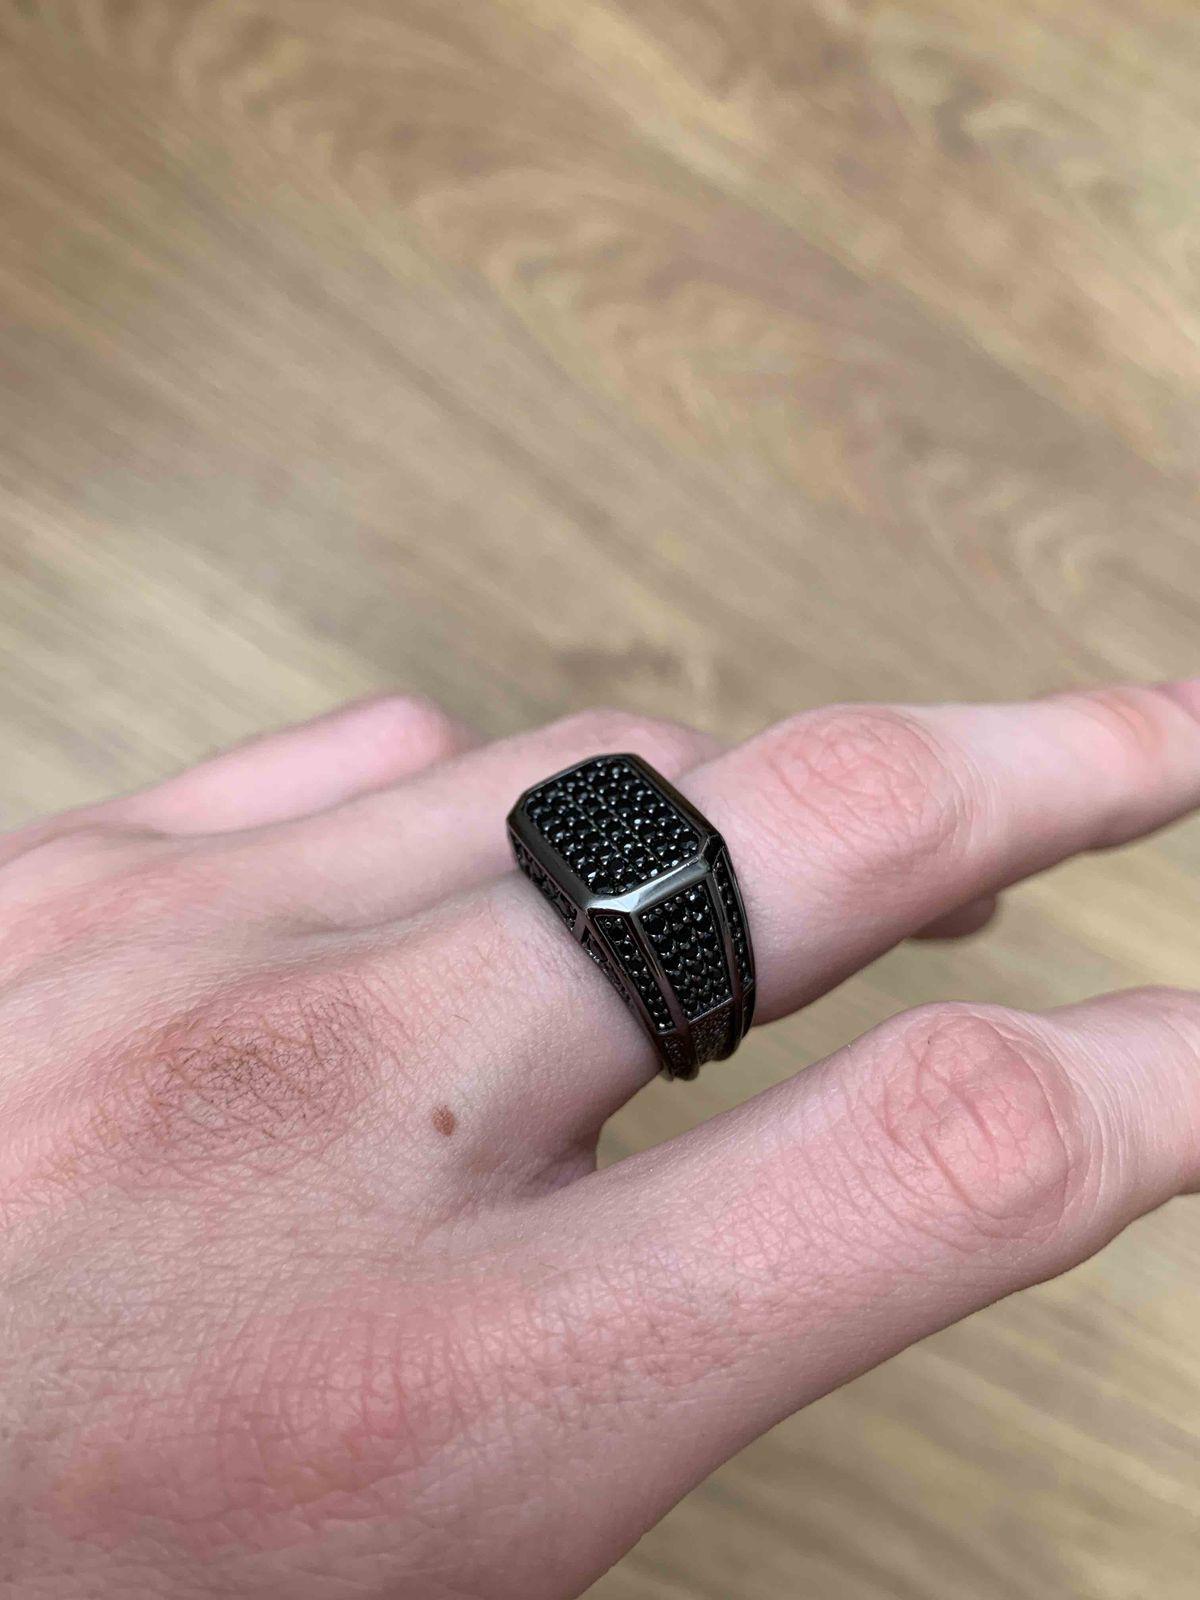 Хорошее кольцо, взял во время скидок